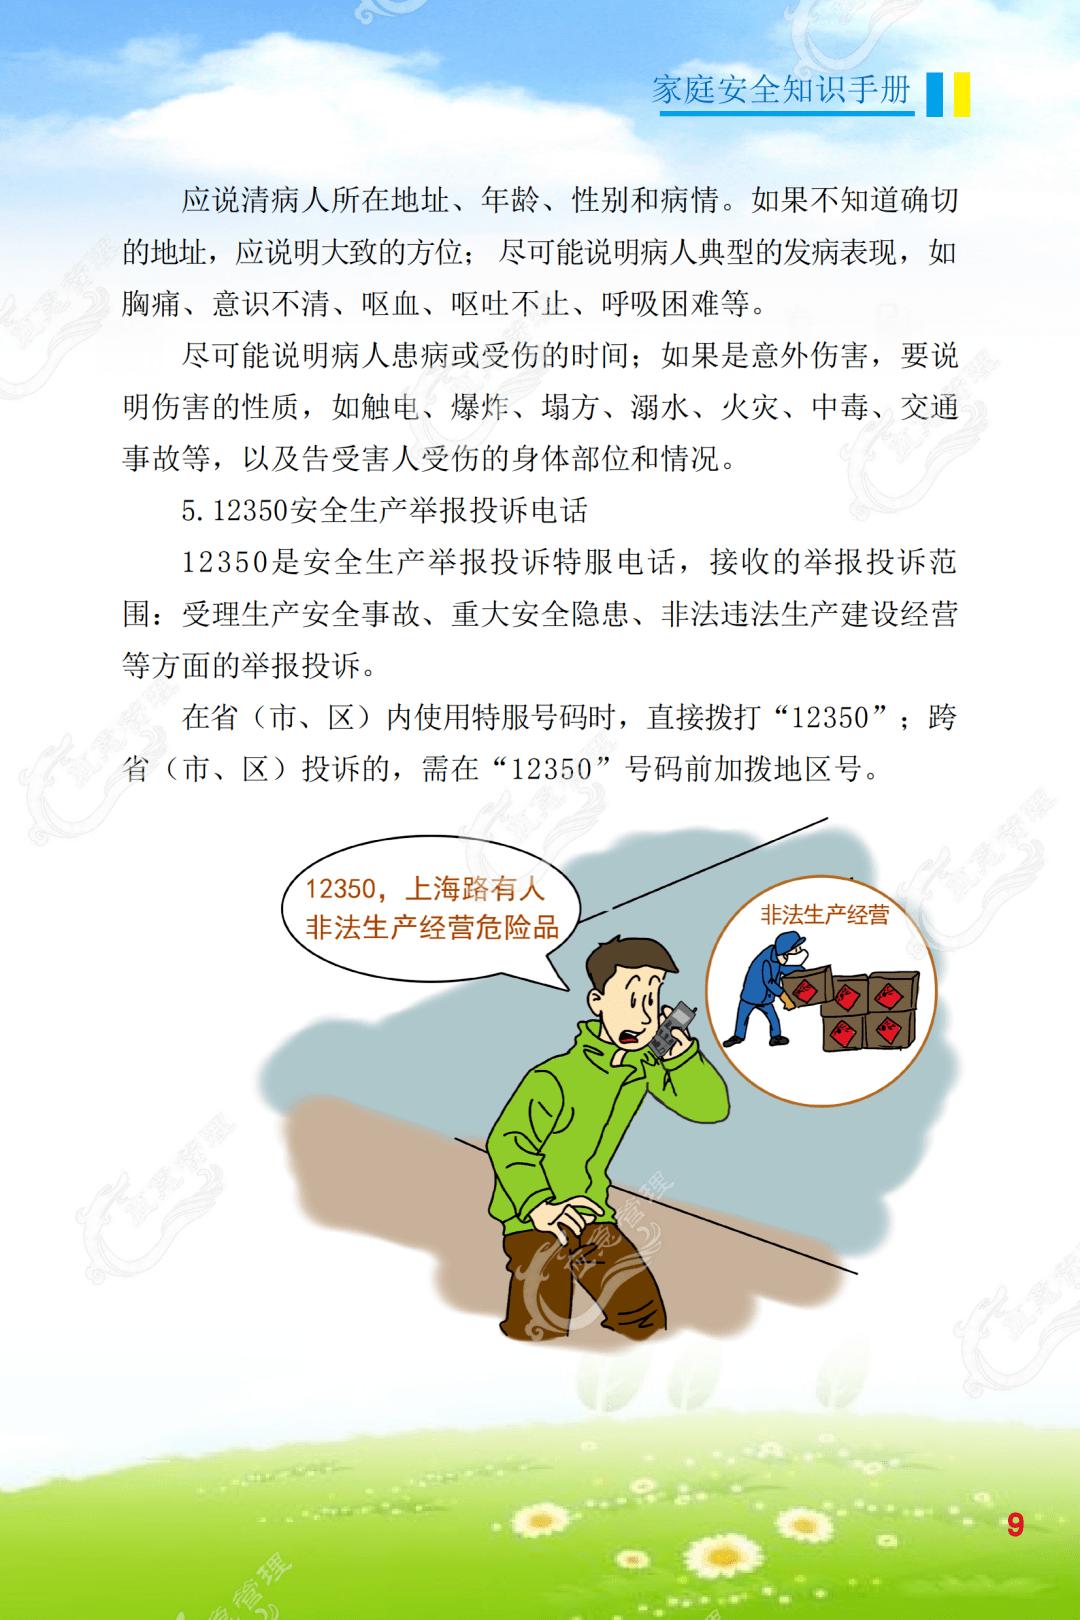 消防安全知识卡通